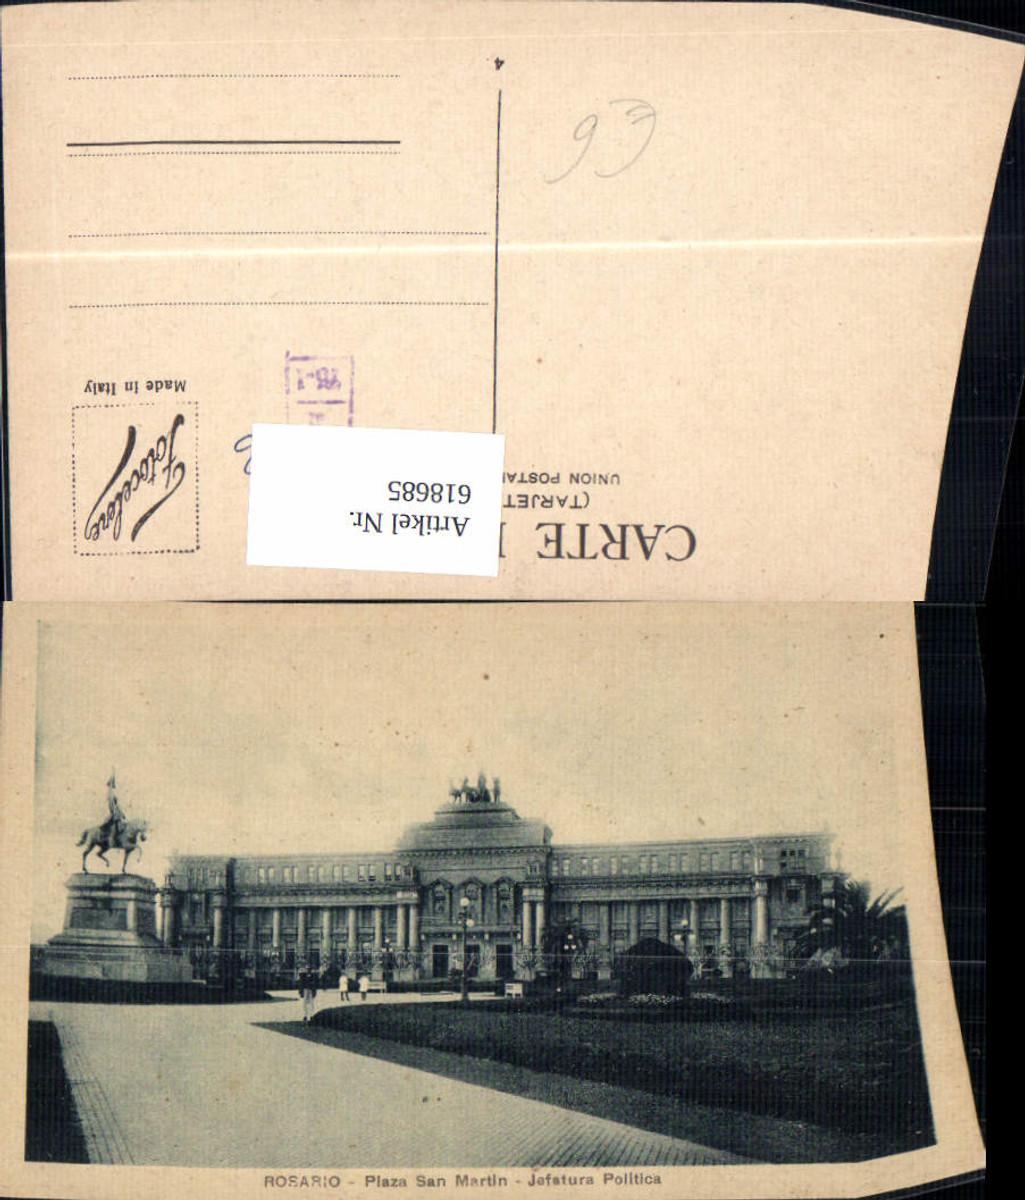 618685,Rosario Plaza San Martin jefatura Politica Argentinien Argentina günstig online kaufen